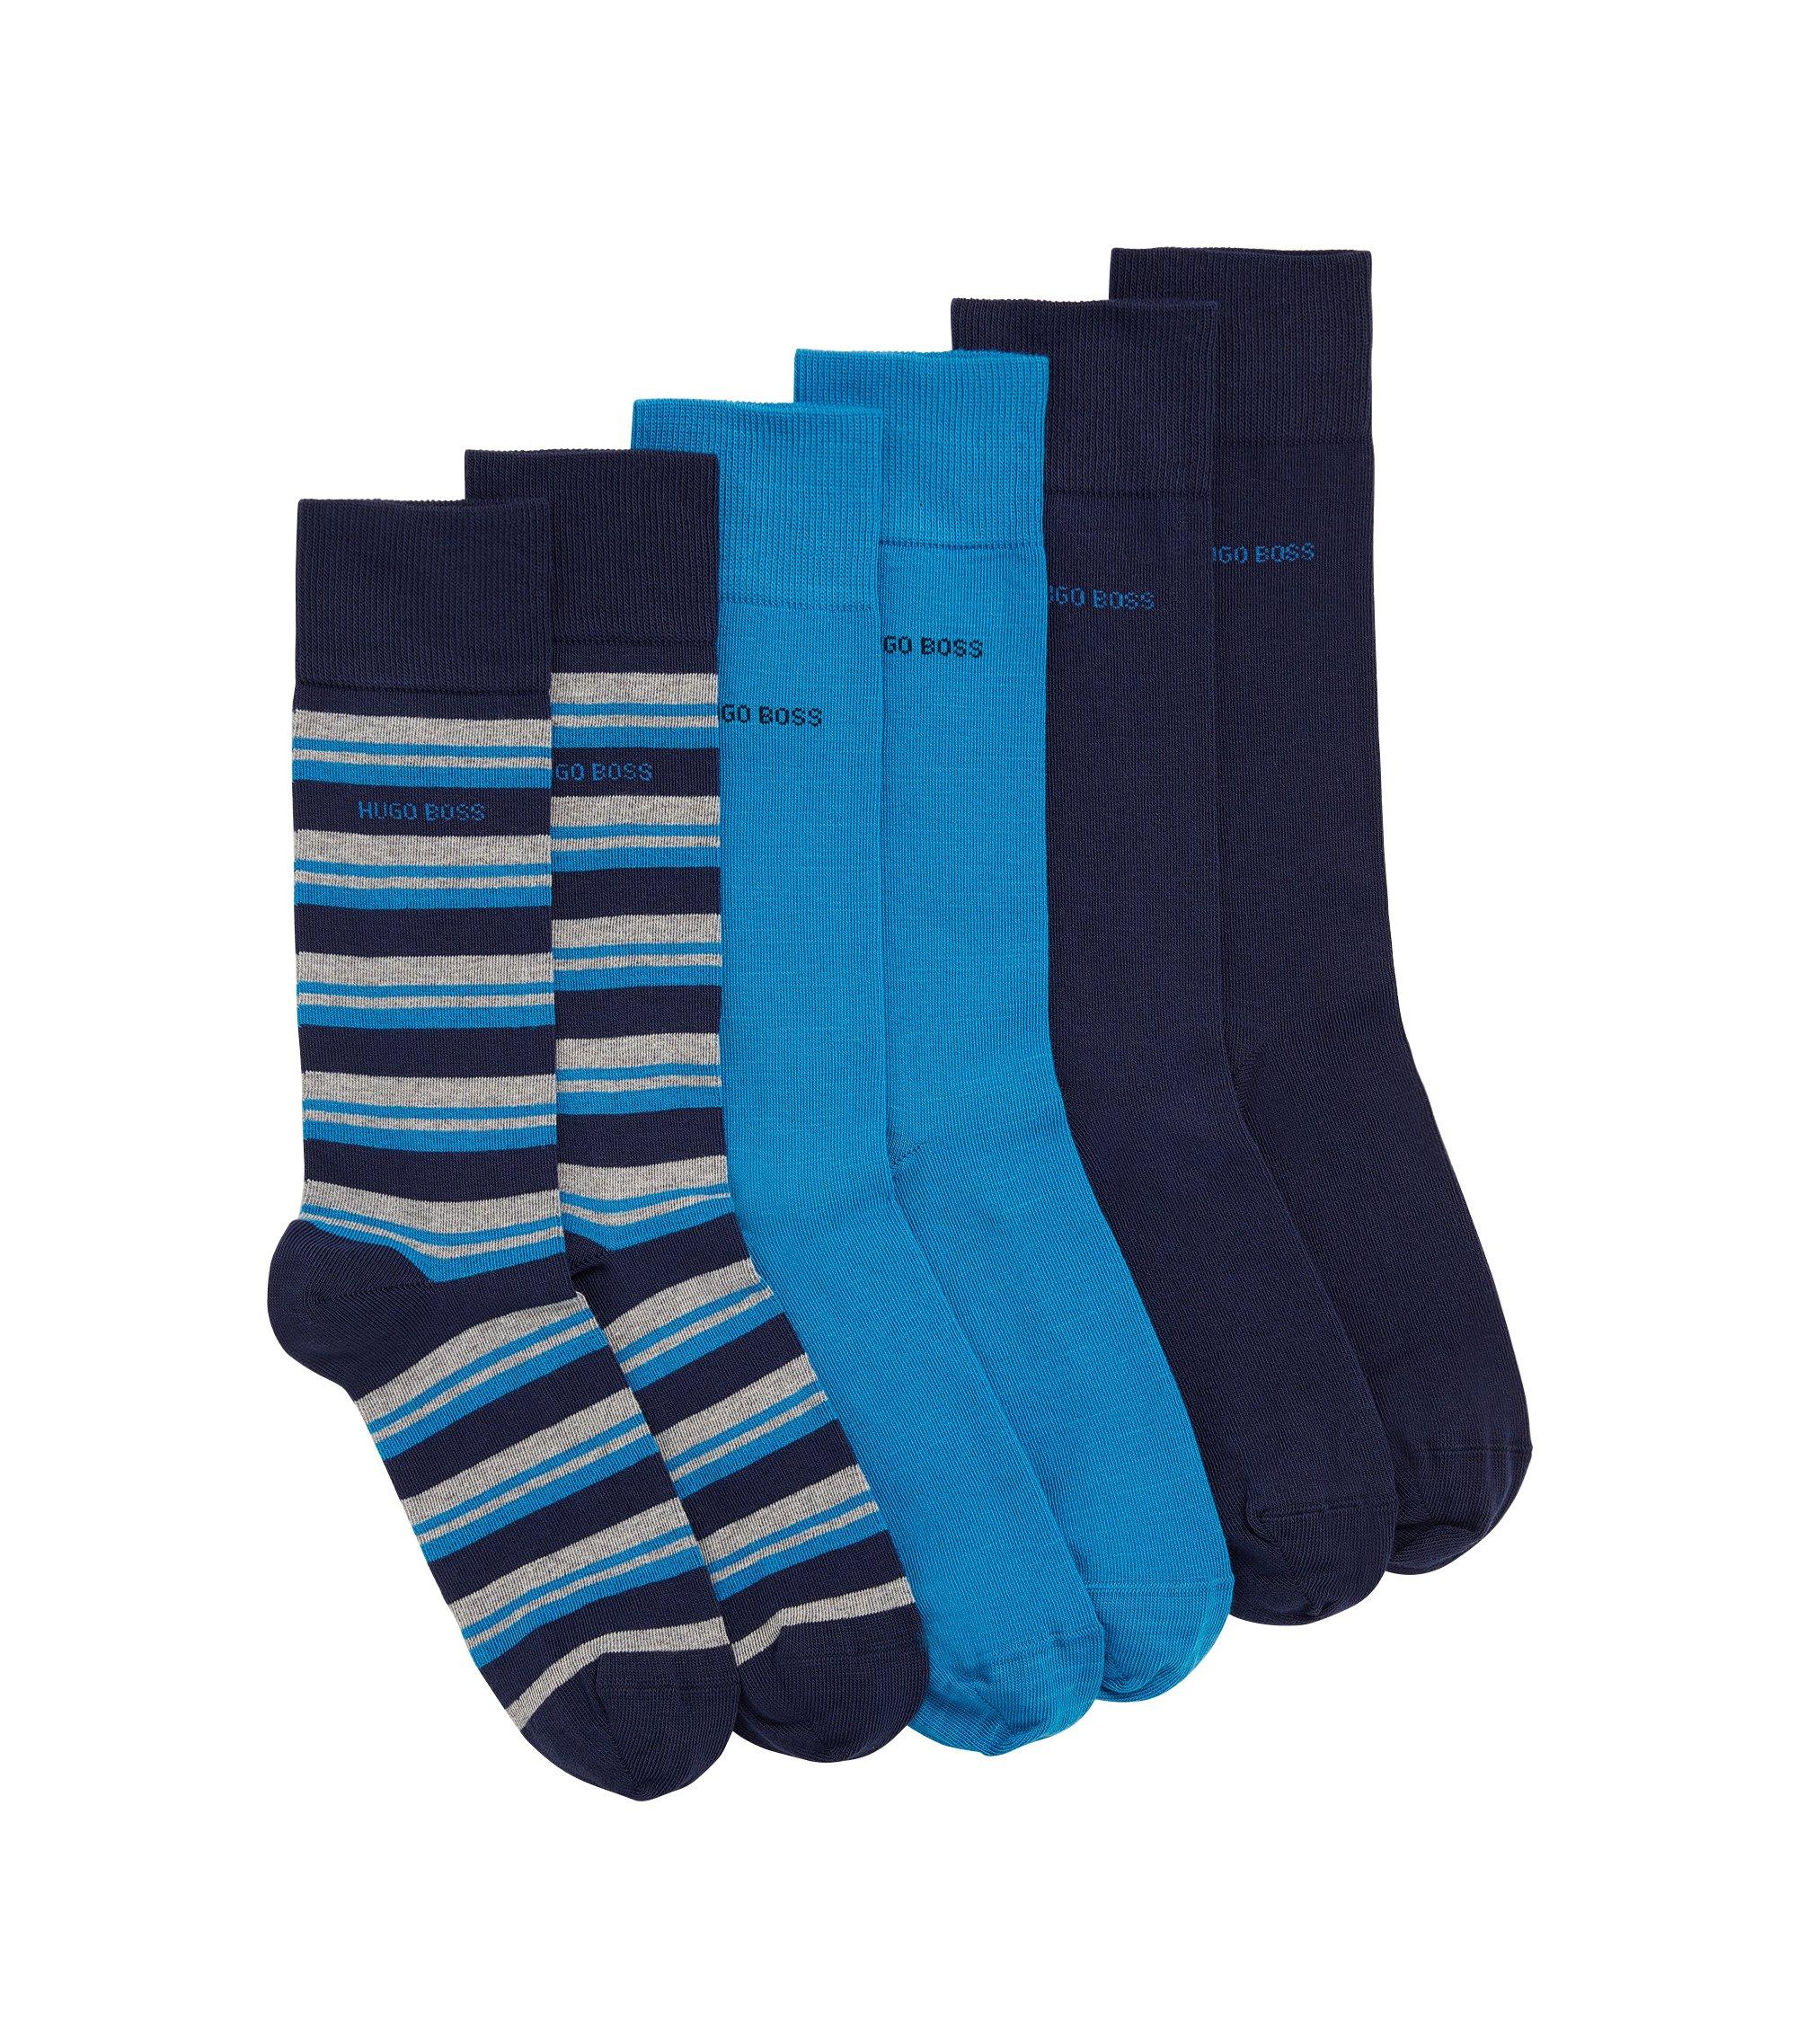 Dreier-Pack Socken aus elastischem Baumwoll-Mix, Dunkelblau